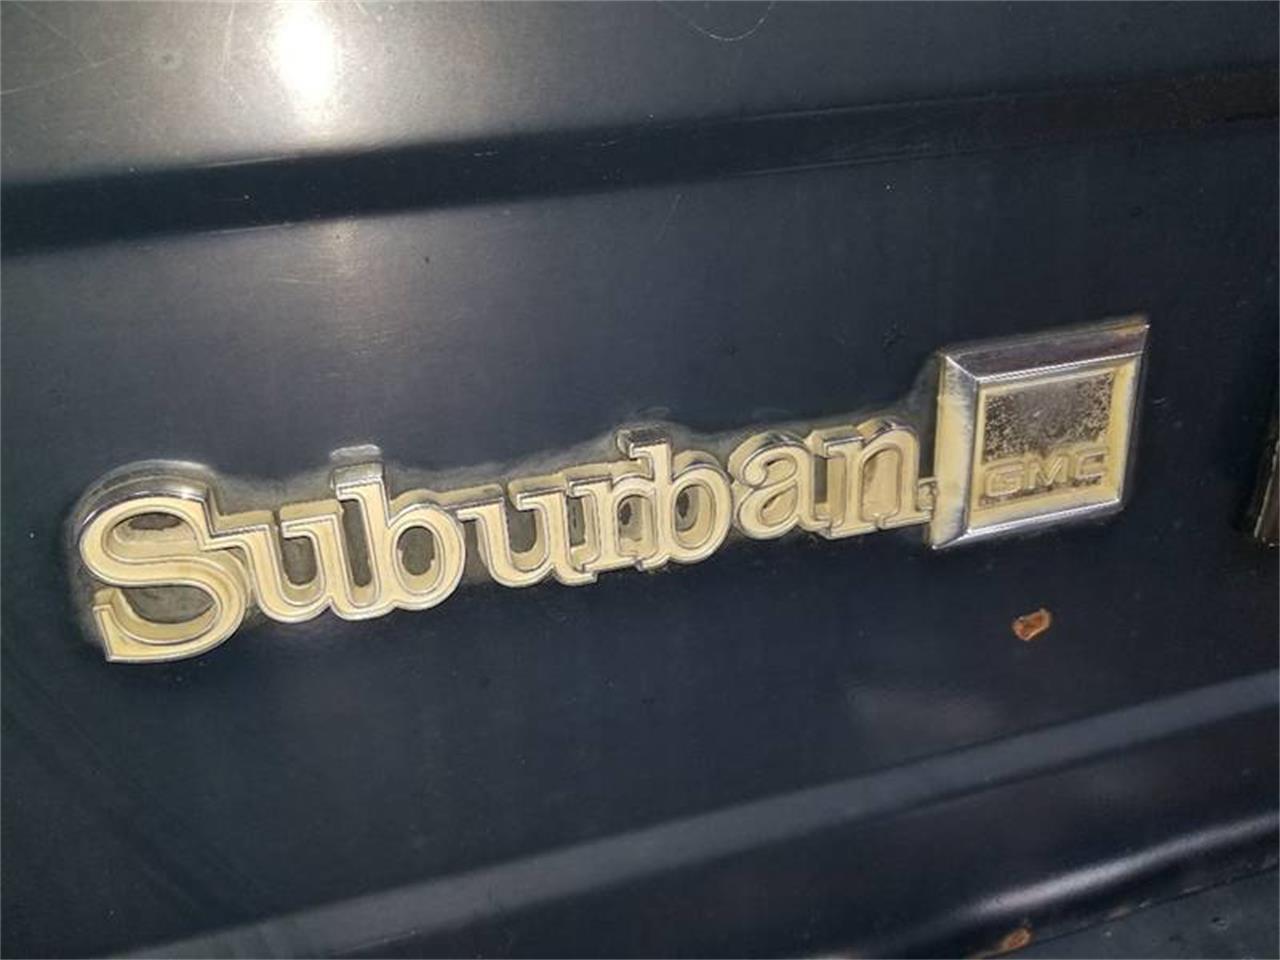 Large Picture of 1988 Suburban located in Redmond Oregon - $9,500.00 - Q2MI